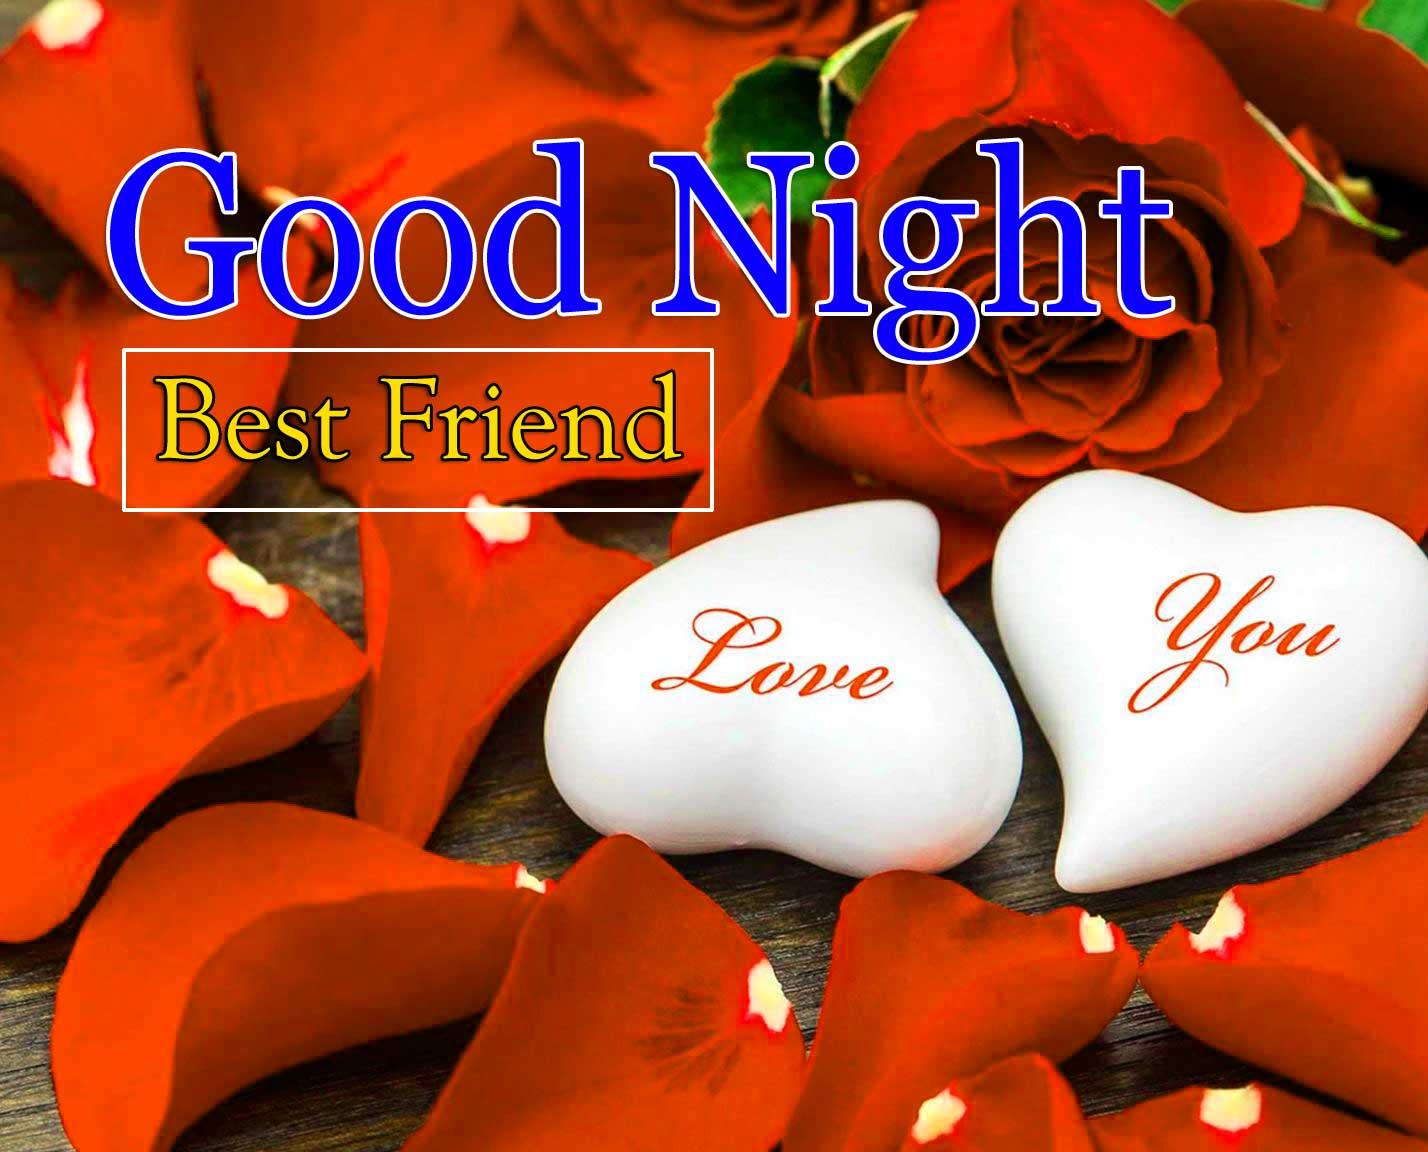 Latest Good Night Photo Images 1